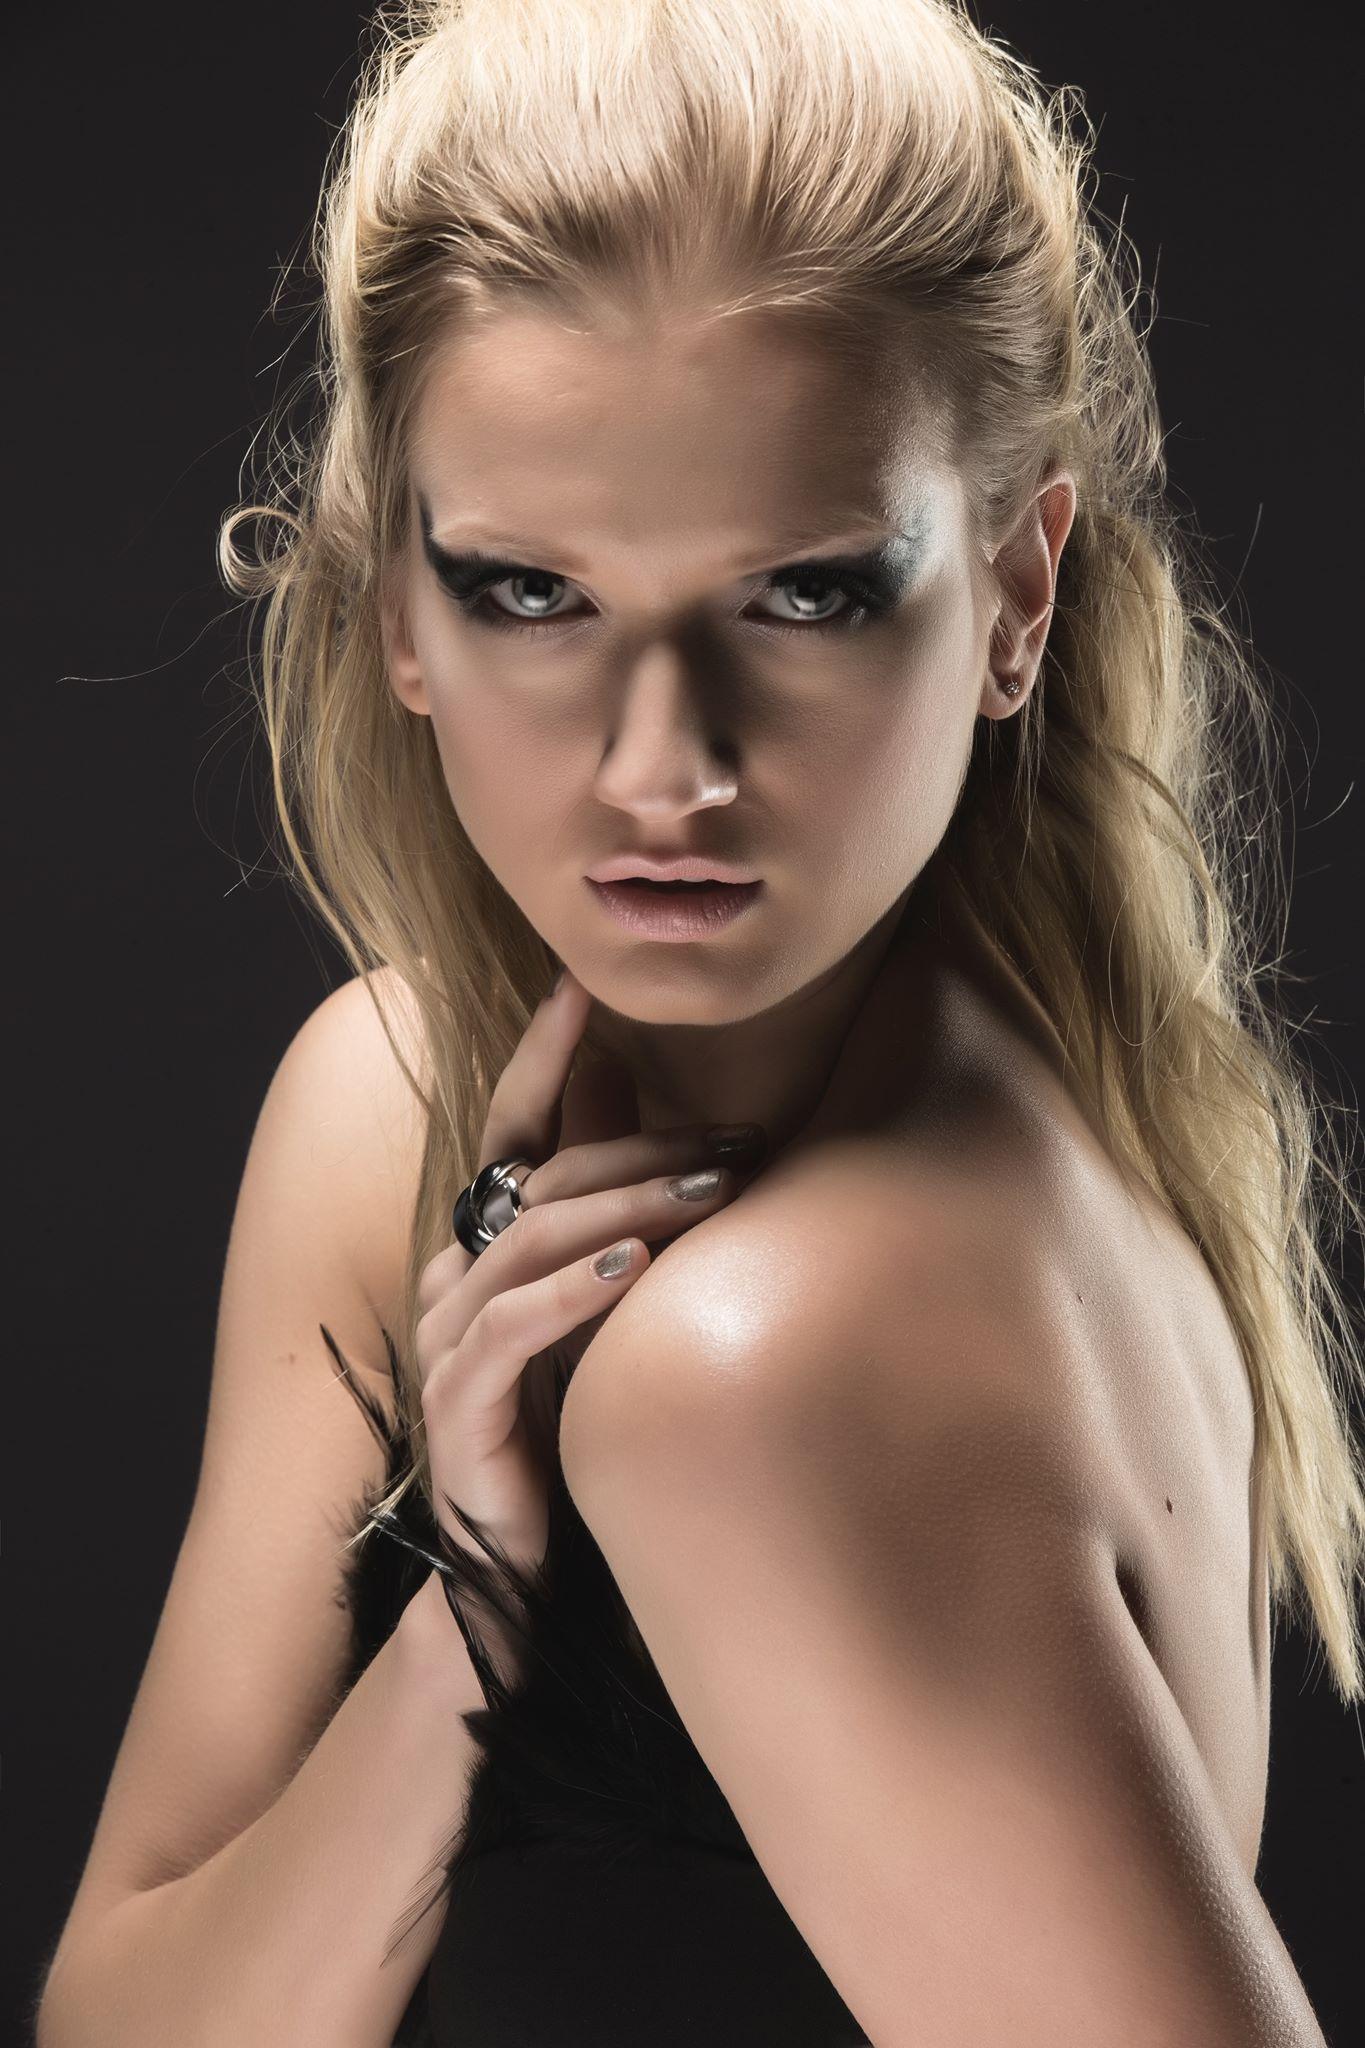 Yana Martens beauty posing Workshops